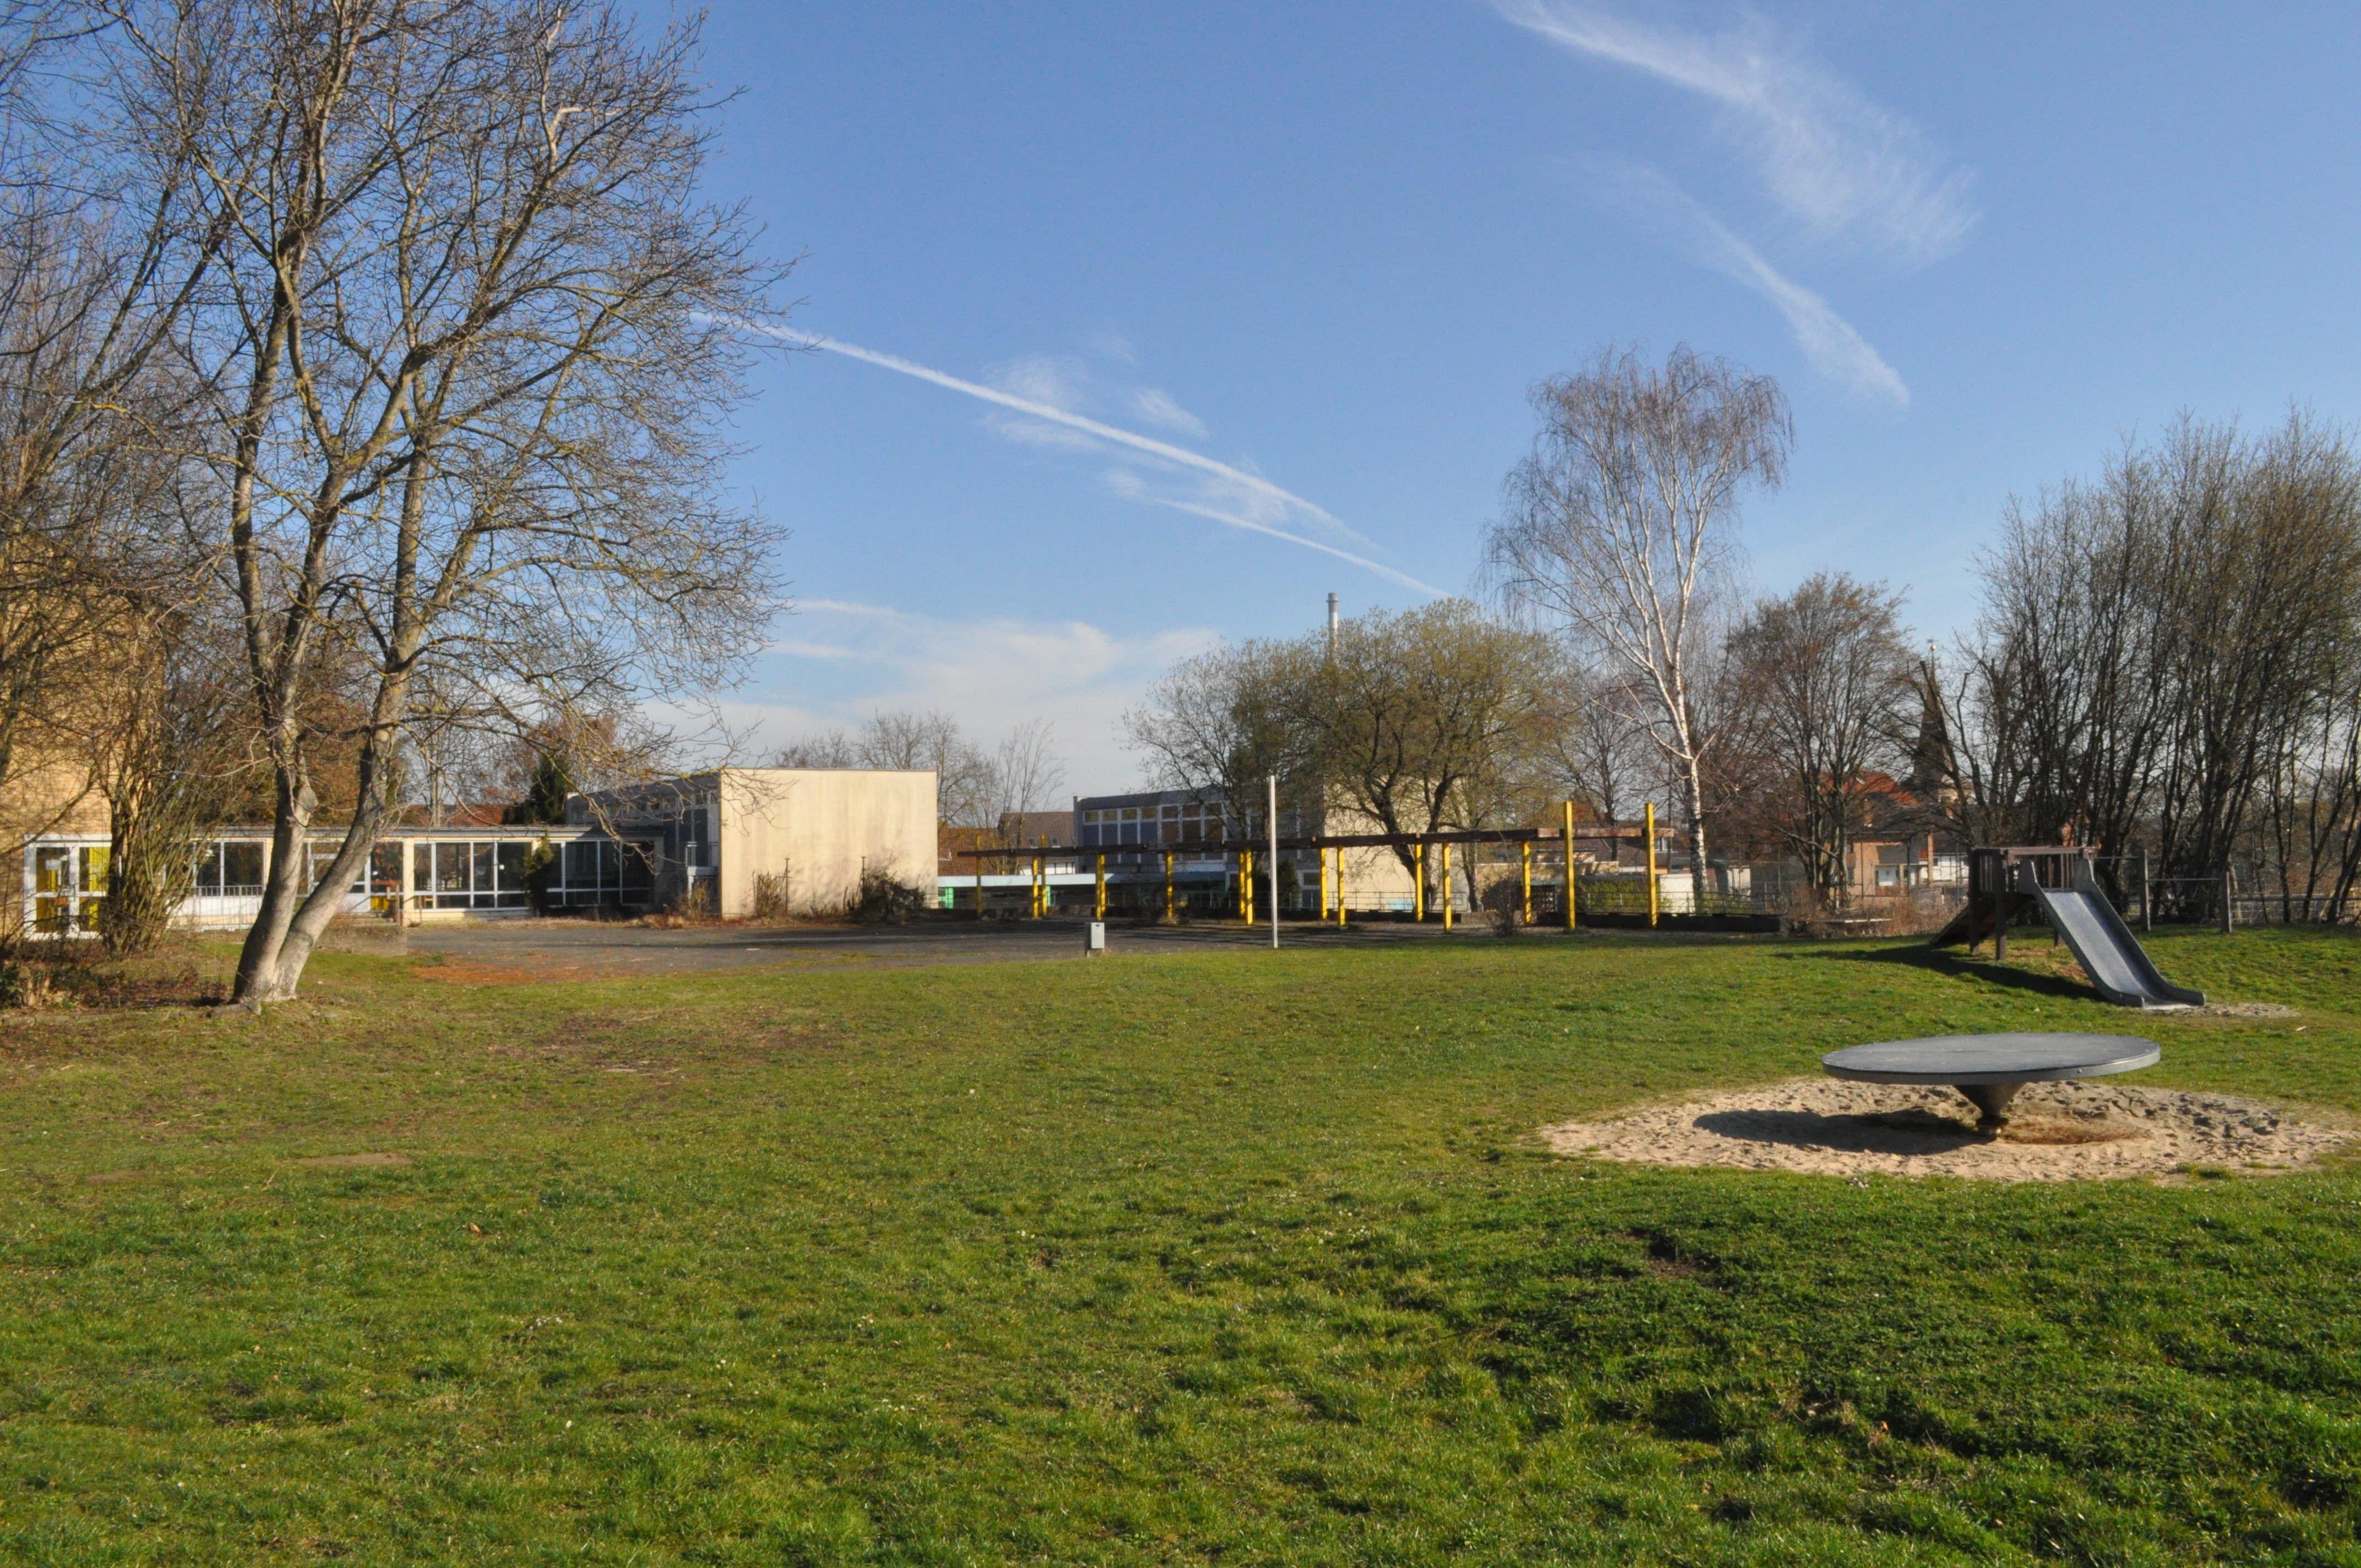 Gibt es eine Zukunft für das frühere Schulgebäude in Esbeck? Auf dem Spielplatz toben zumindest weiterhin Esbecker Kinder...